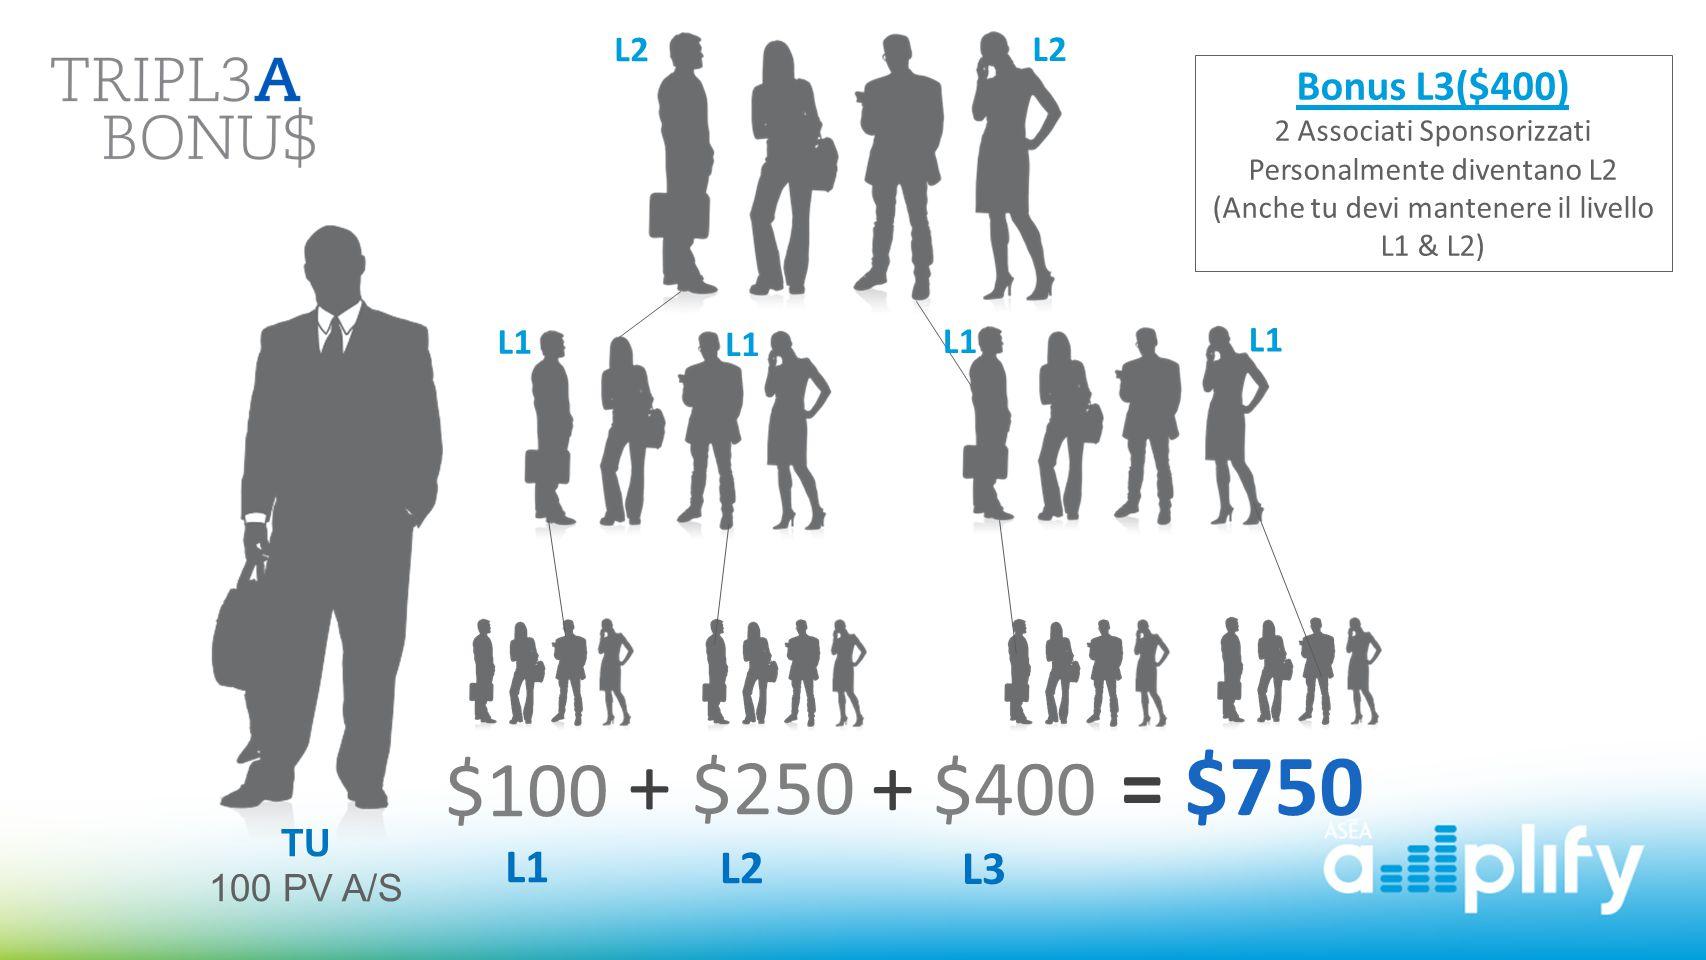 $100 L1 + $250 L2 = $750+ $400 L3 TU 100 PV A/S Bonus L3($400) 2 Associati Sponsorizzati Personalmente diventano L2 (Anche tu devi mantenere il livell